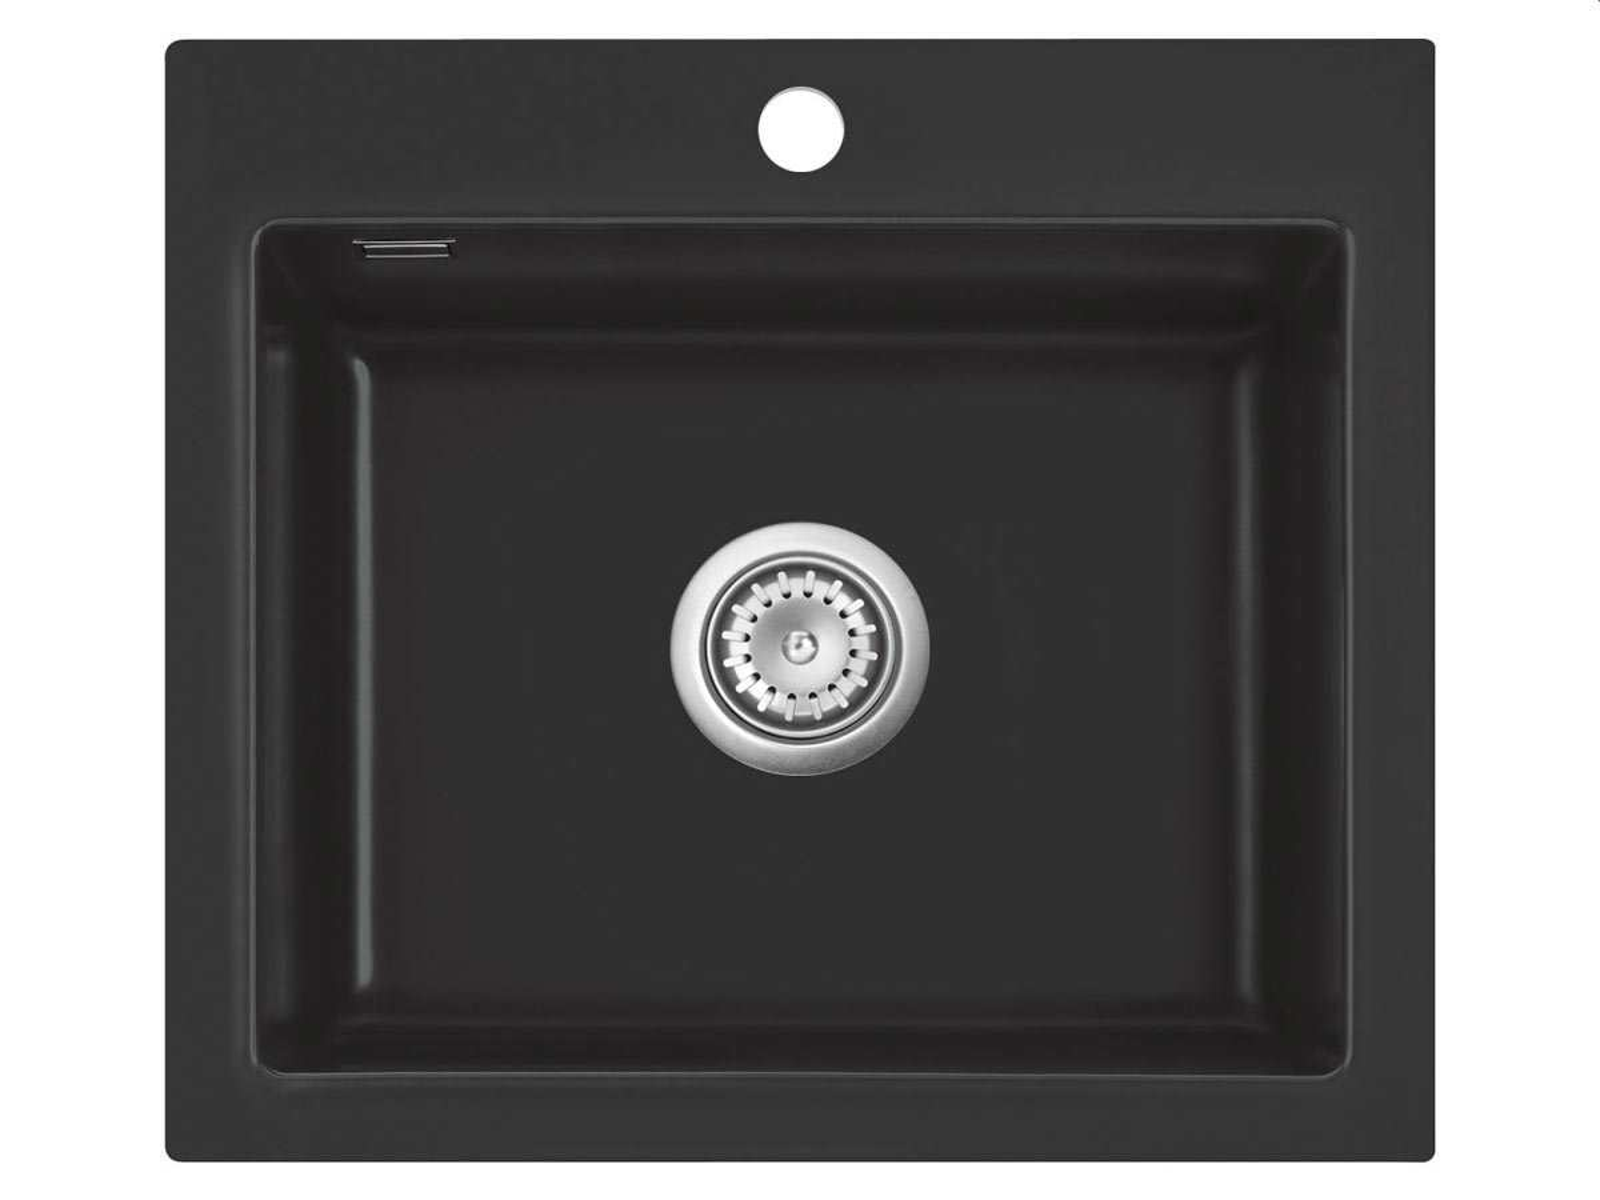 Spülbecken Rund Emaille | ambiznes.com | {Spülbecken keramik grau 3}